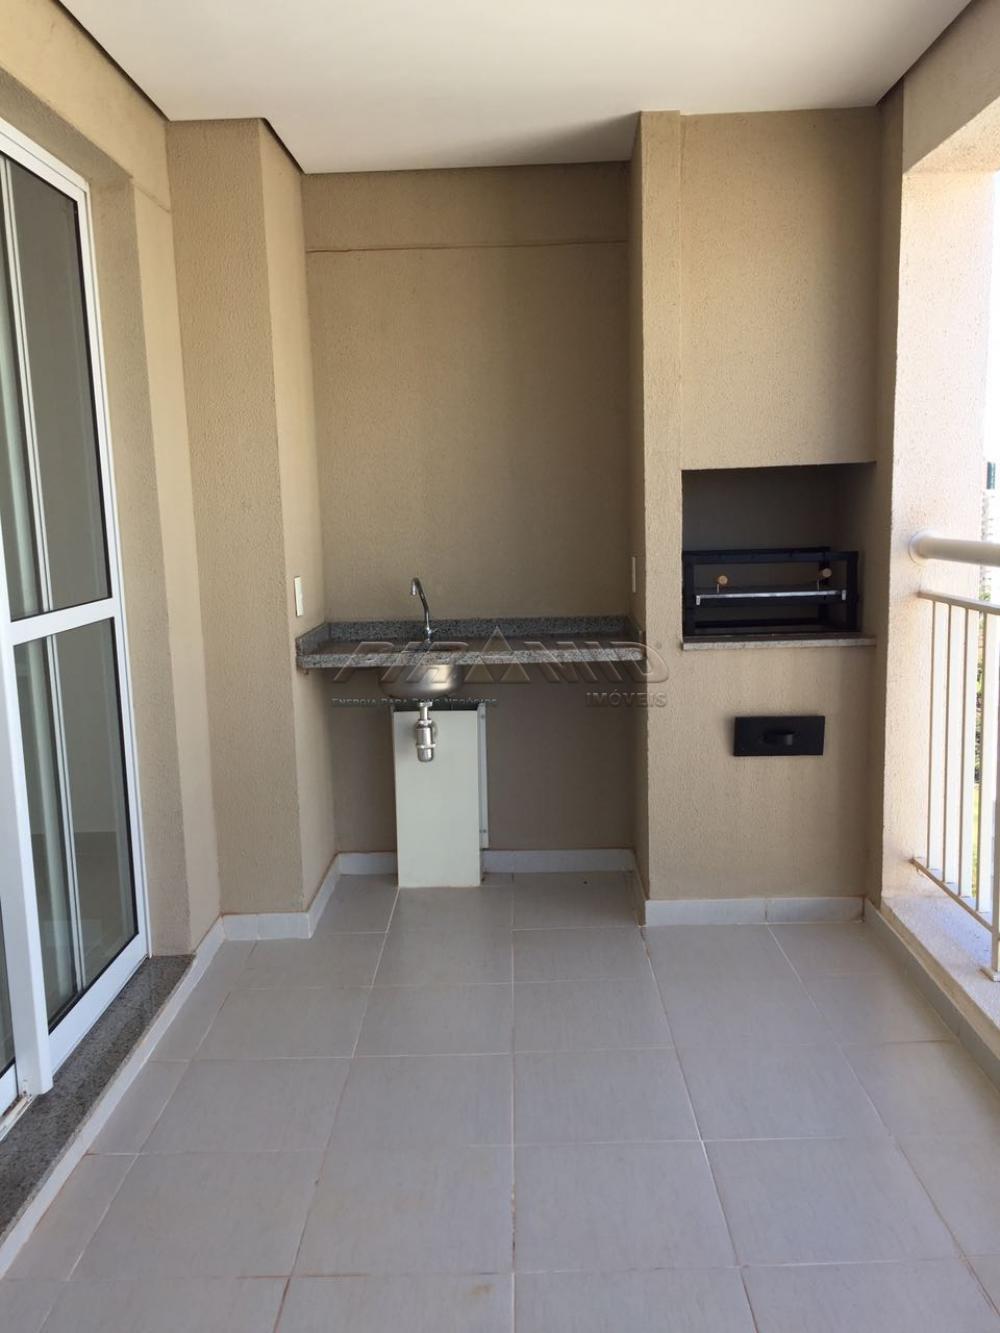 Comprar Apartamento / Padrão em Ribeirão Preto apenas R$ 530.000,00 - Foto 2